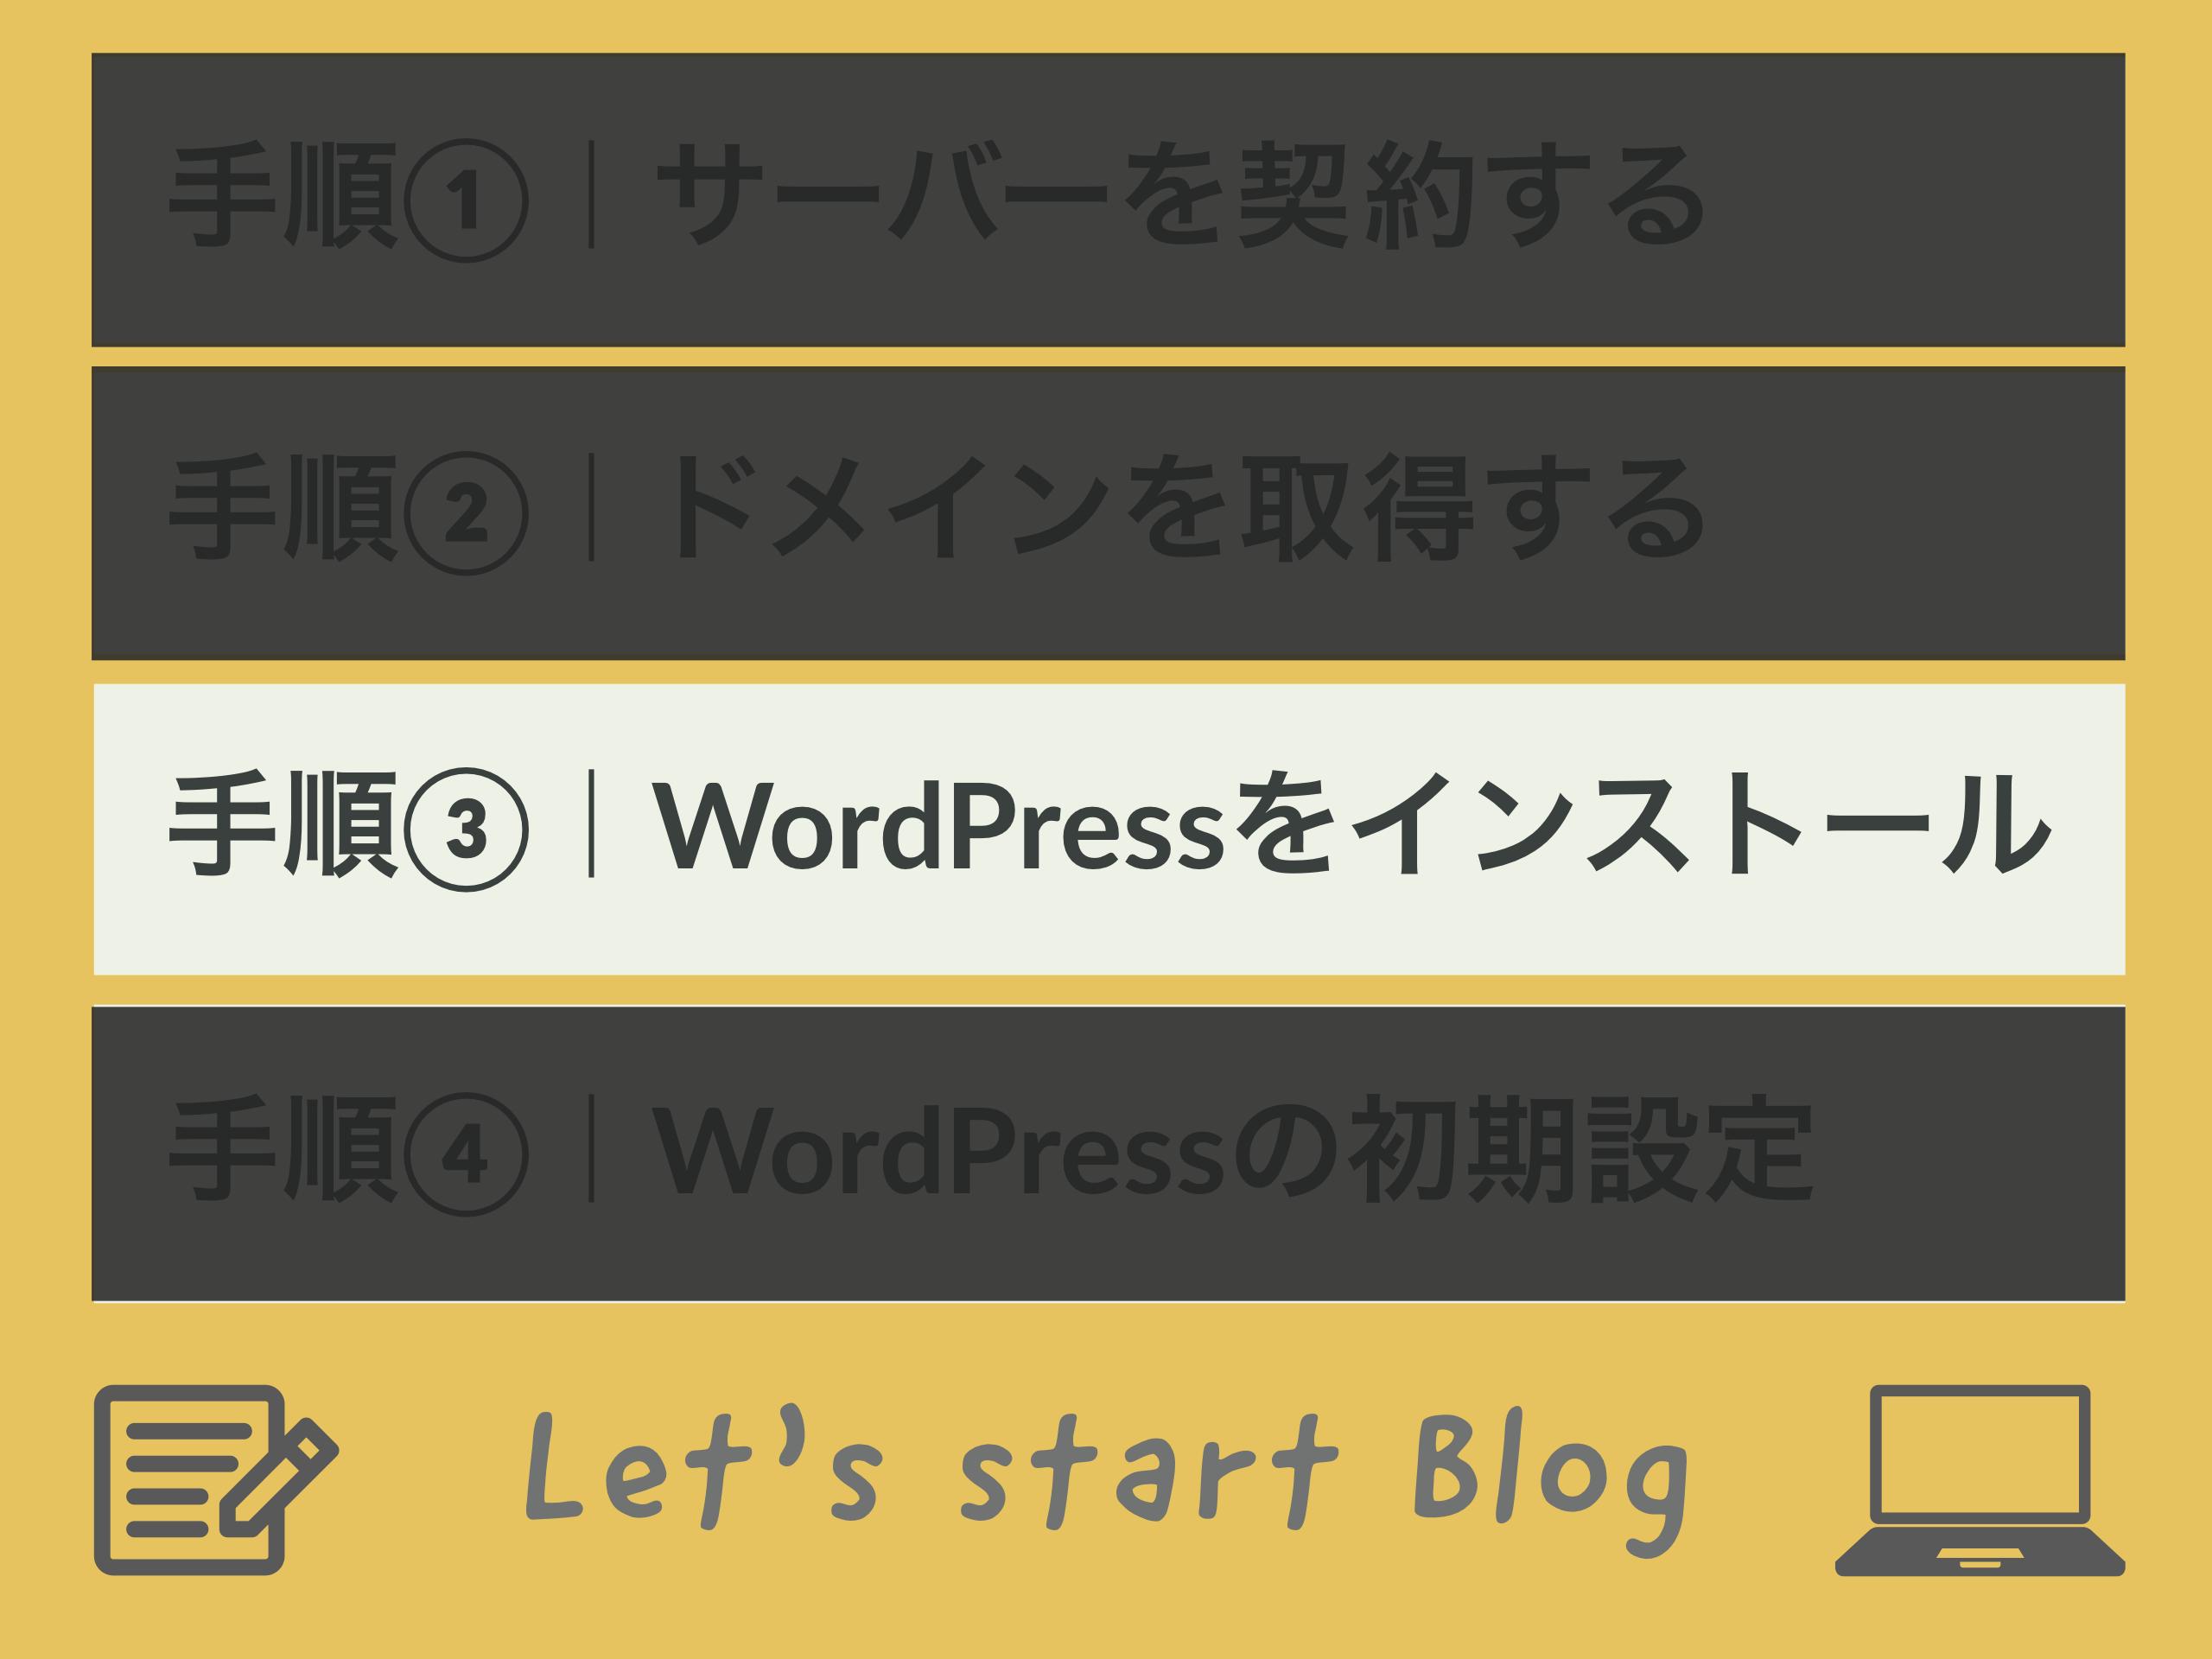 手順③|WorPressをインストール